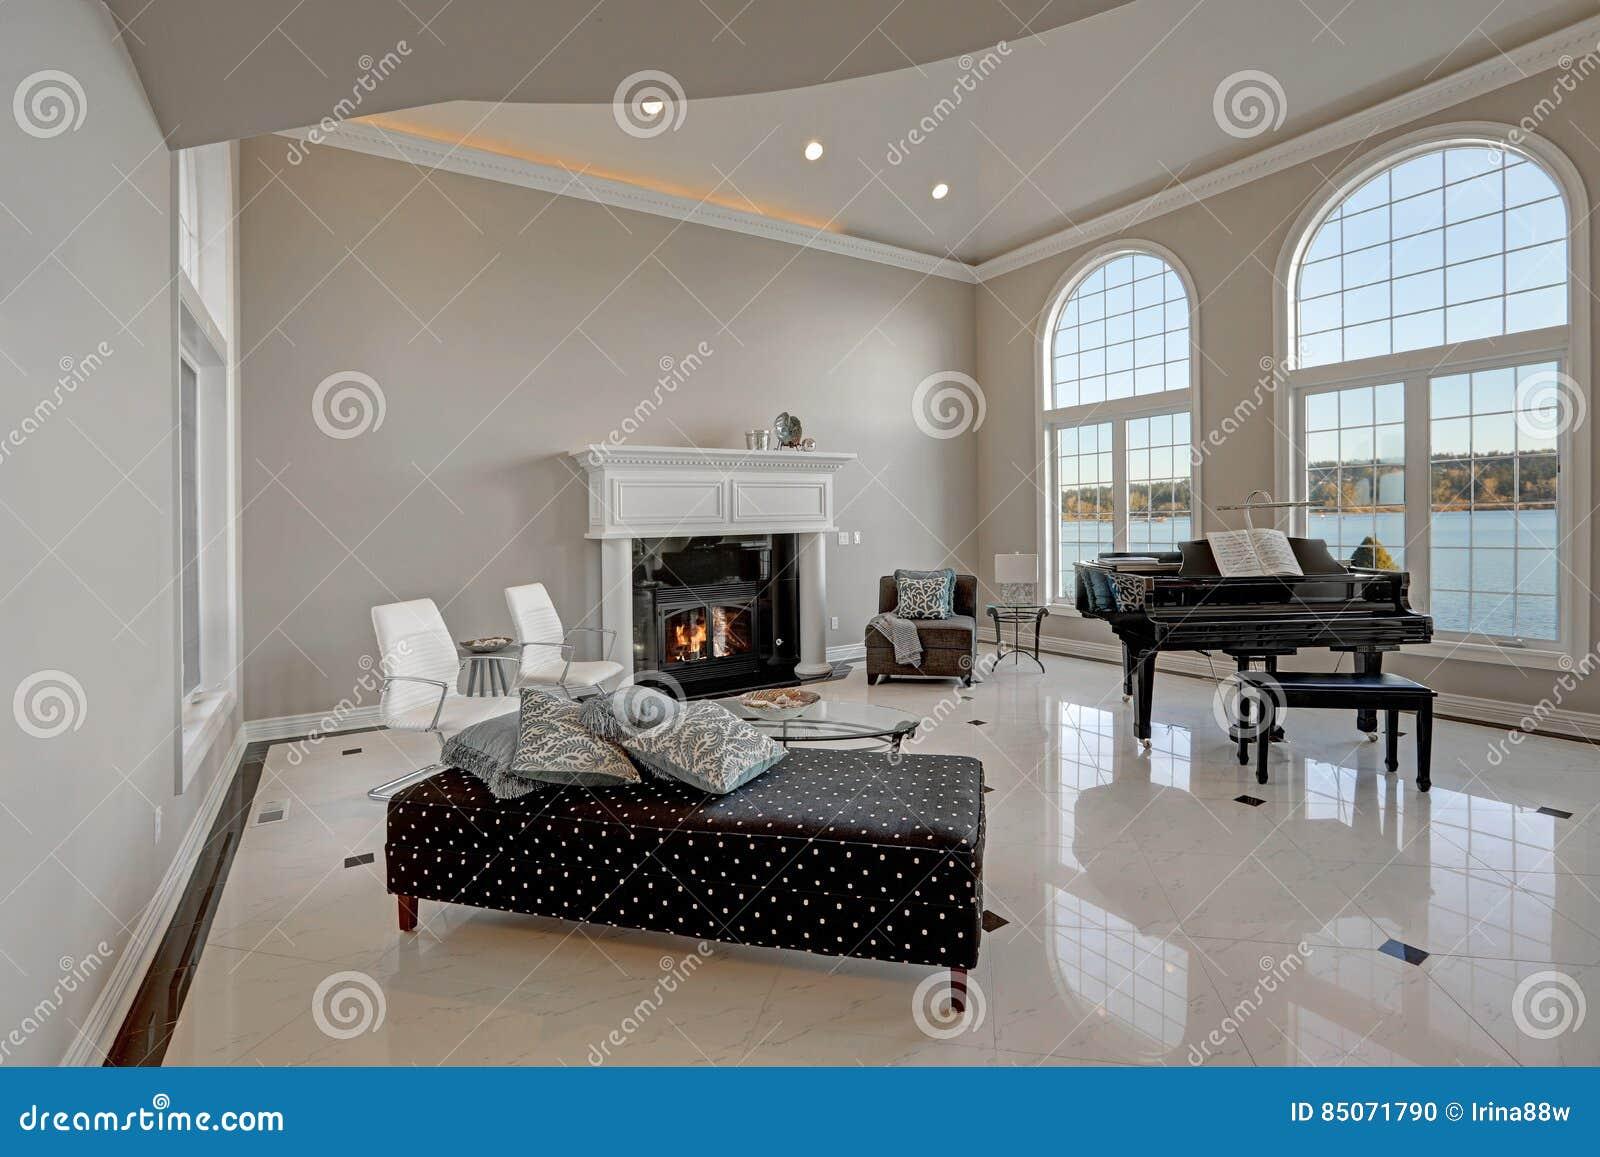 luxuswohnzimmer der hohen decke mit marmorboden stockfoto - Fantastisch Marmorboden Wohnzimmer